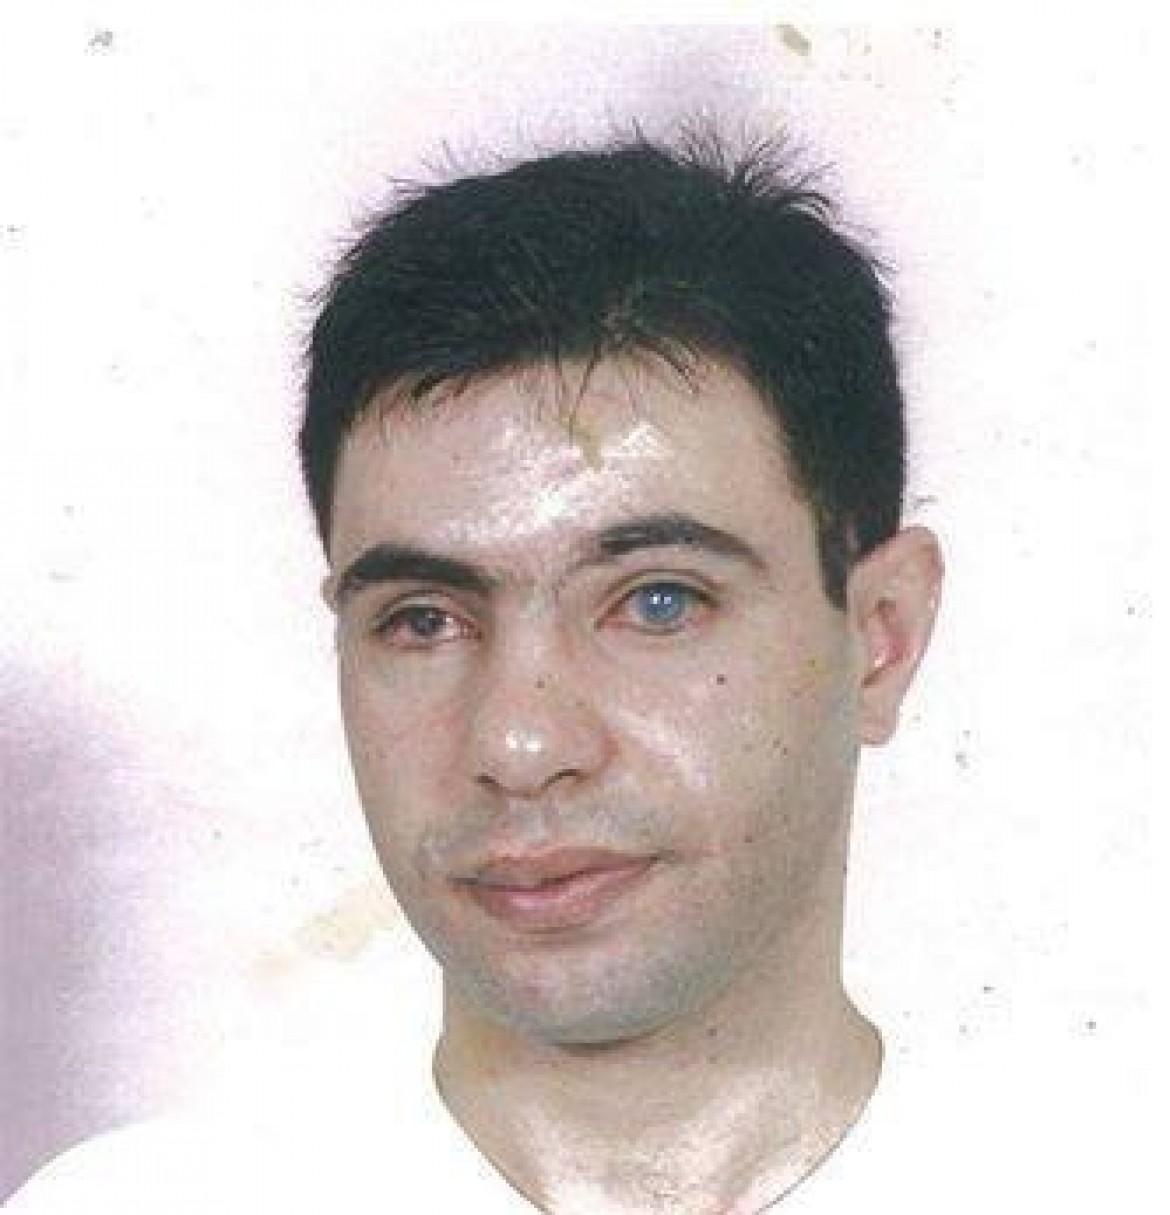 الاسير المريض محمد ابراش